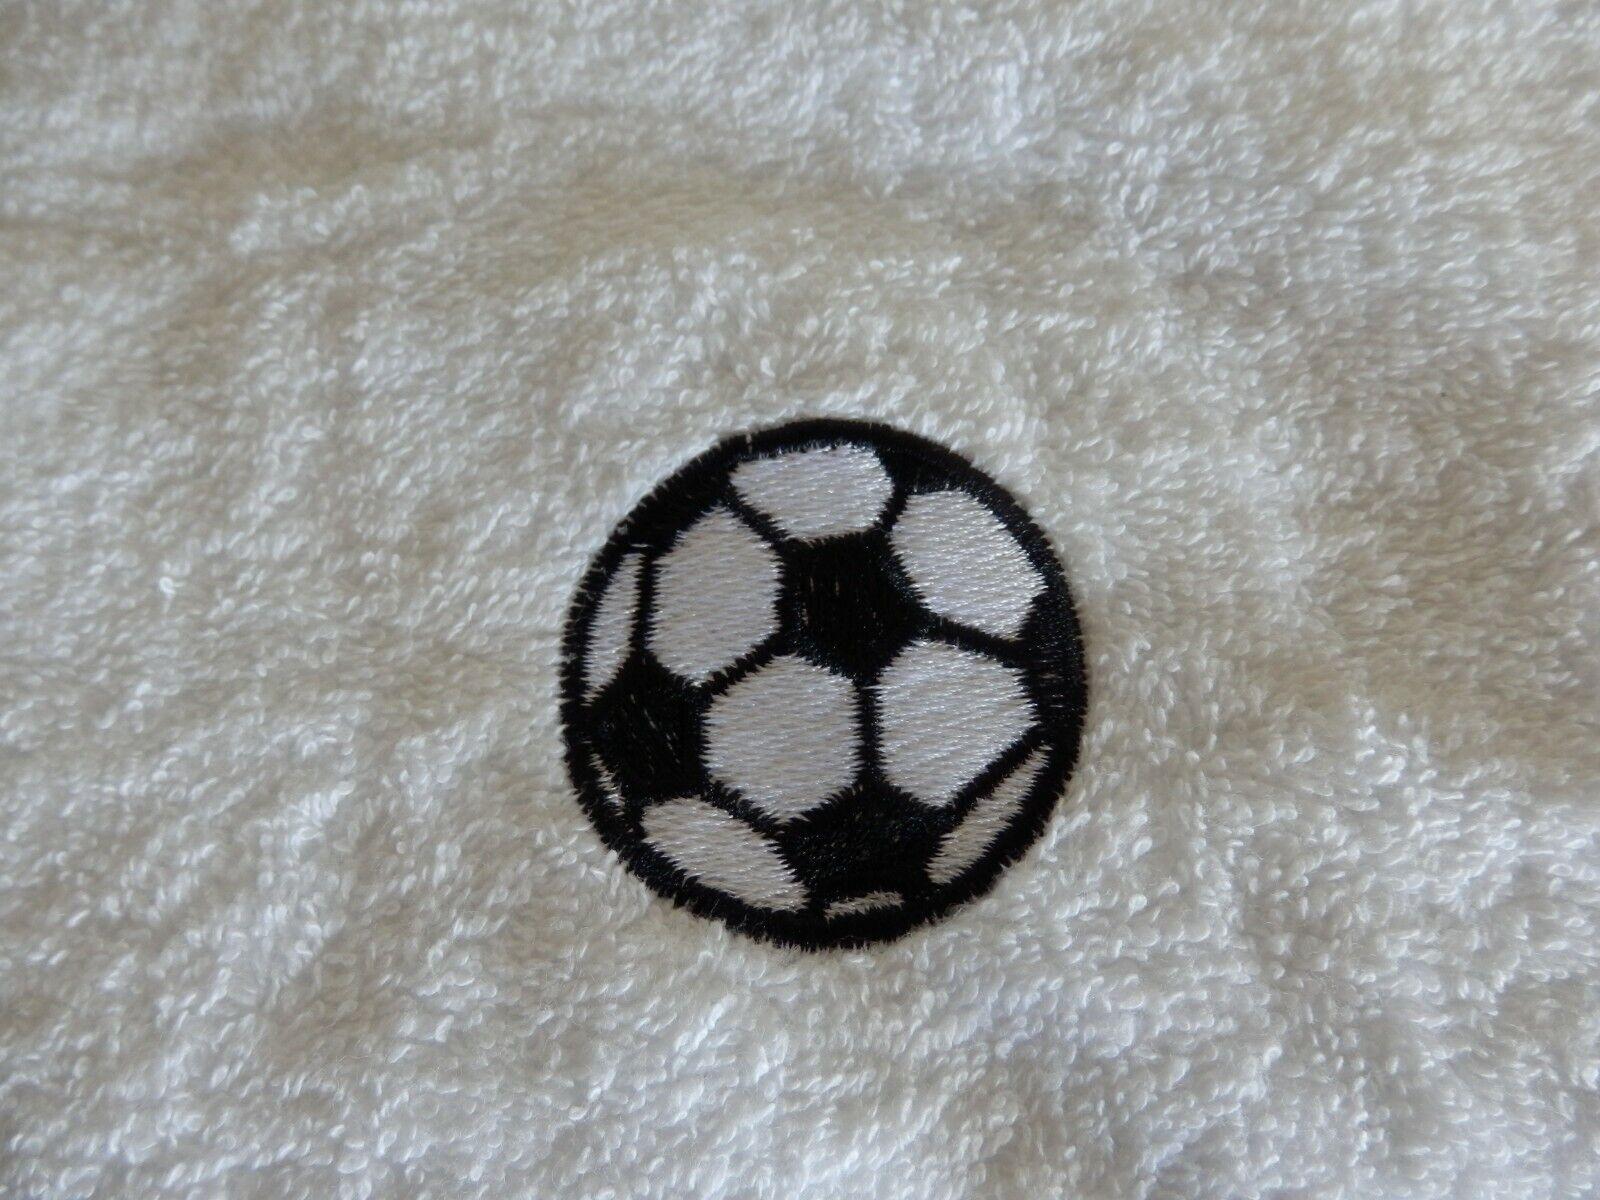 Fußball Design Personalisiert Handtuch,Bade Robe oder Kapuzen Handtuch Neuheit   | Fein Verarbeitet